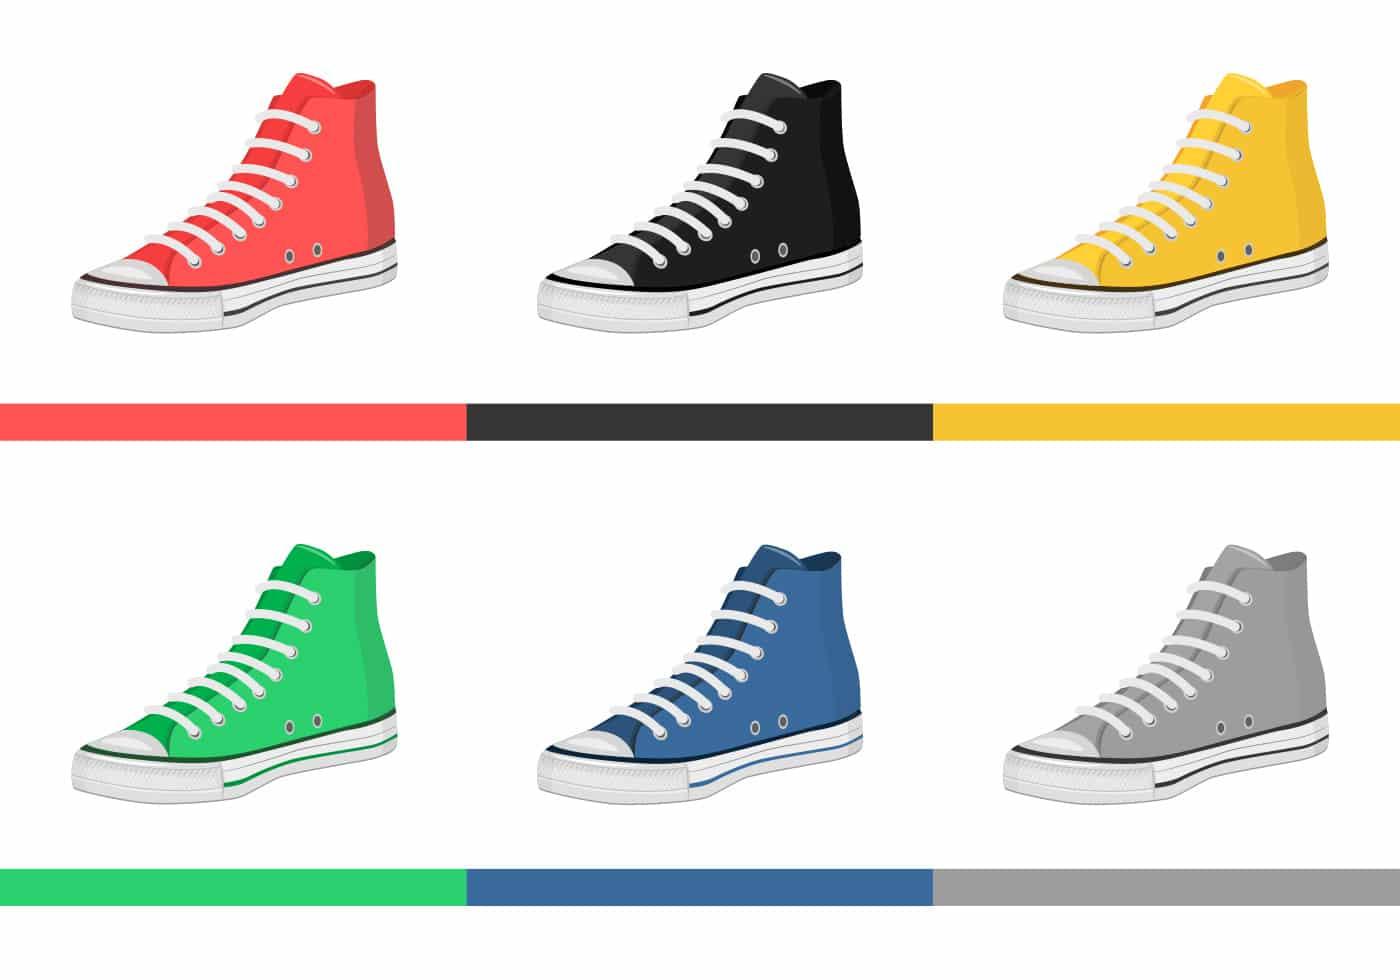 Vans Colorful Cat Shoes